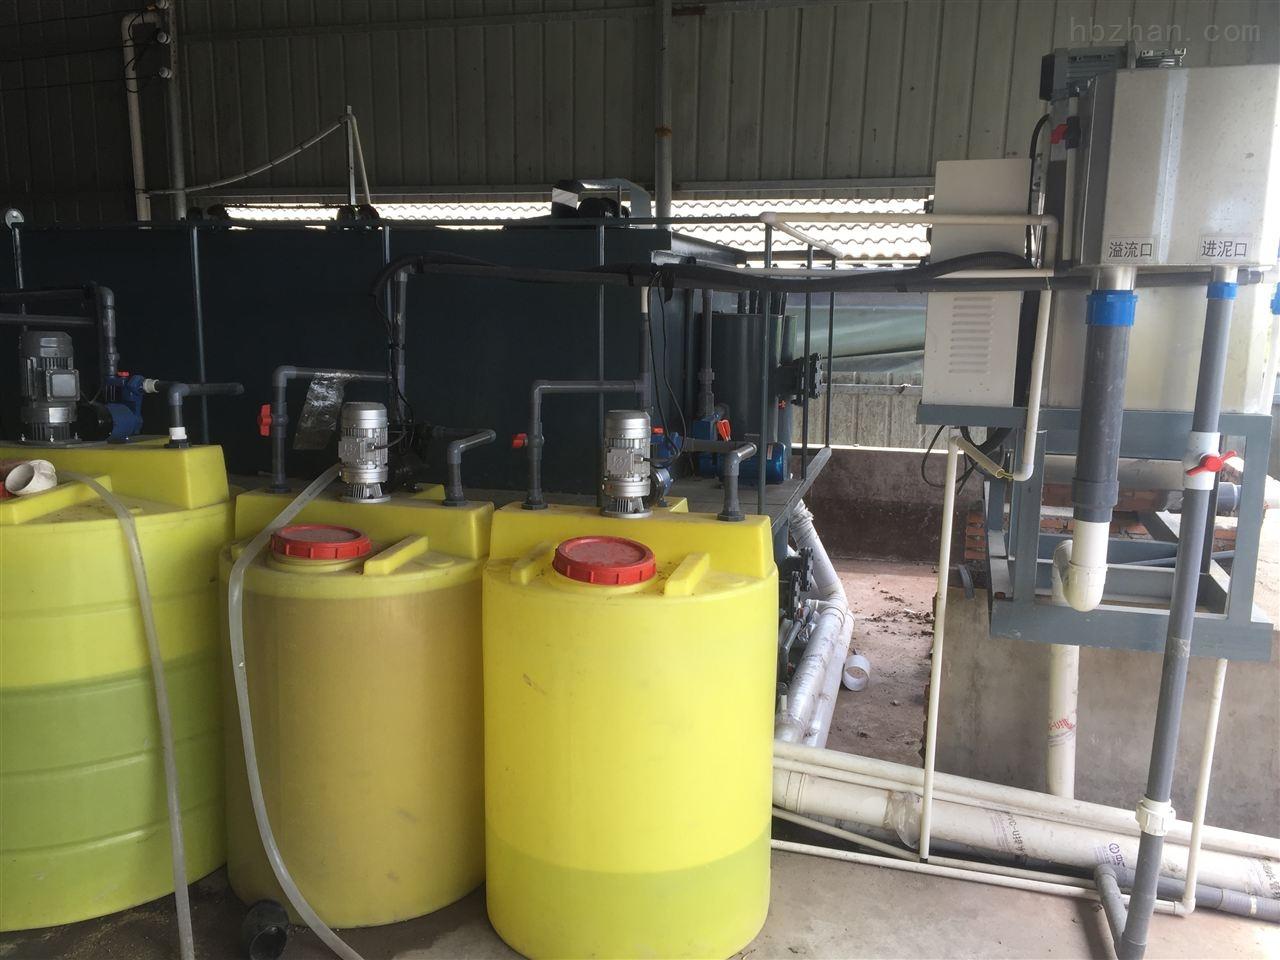 安徽阜阳食品厂污水设备工艺